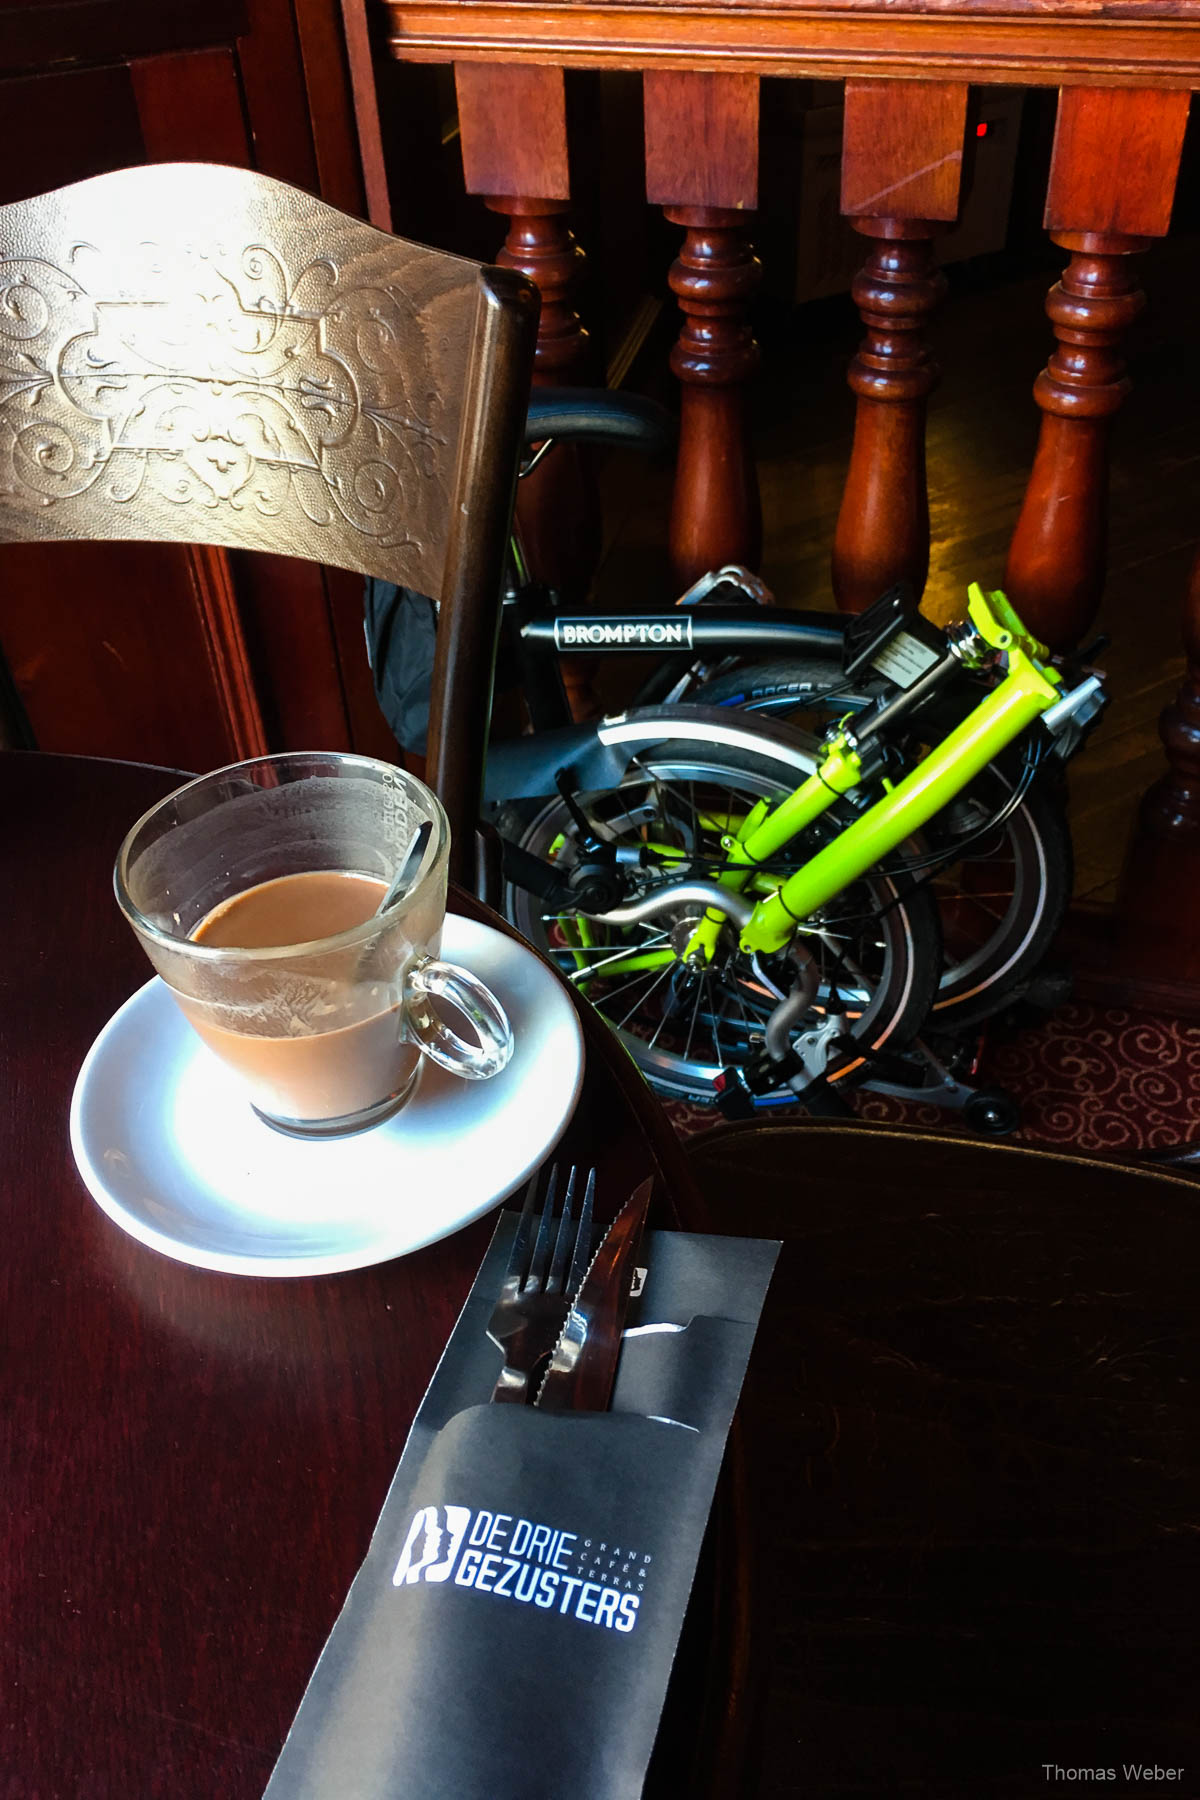 Kaffee im De Drie Gezusters am Grote Markt in Groningen bei einer Fahrradtour durch Groningen, Fotograf Oldenburg, Thomas Weber